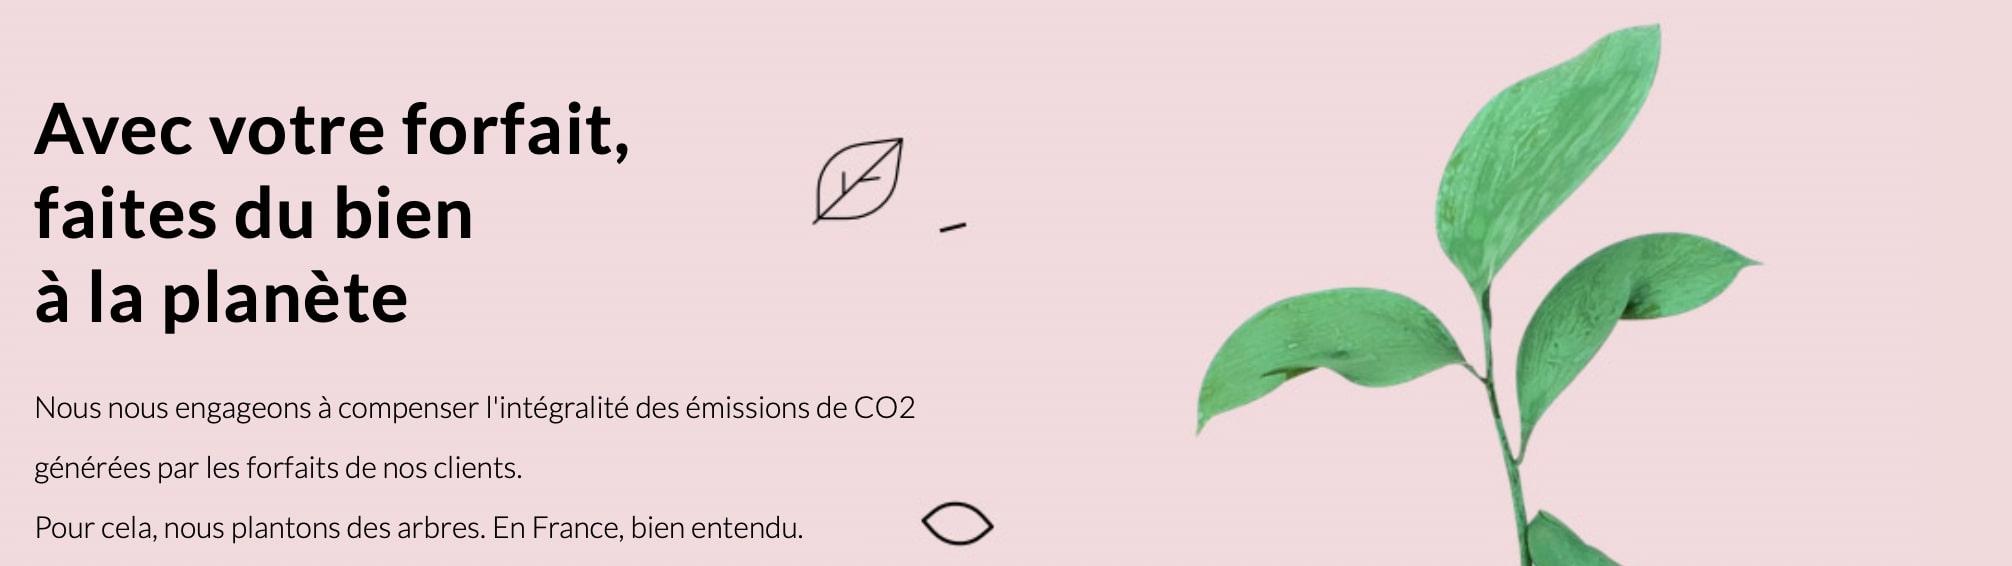 Compensation CO2 avec le forfait 100 Go Prixtel